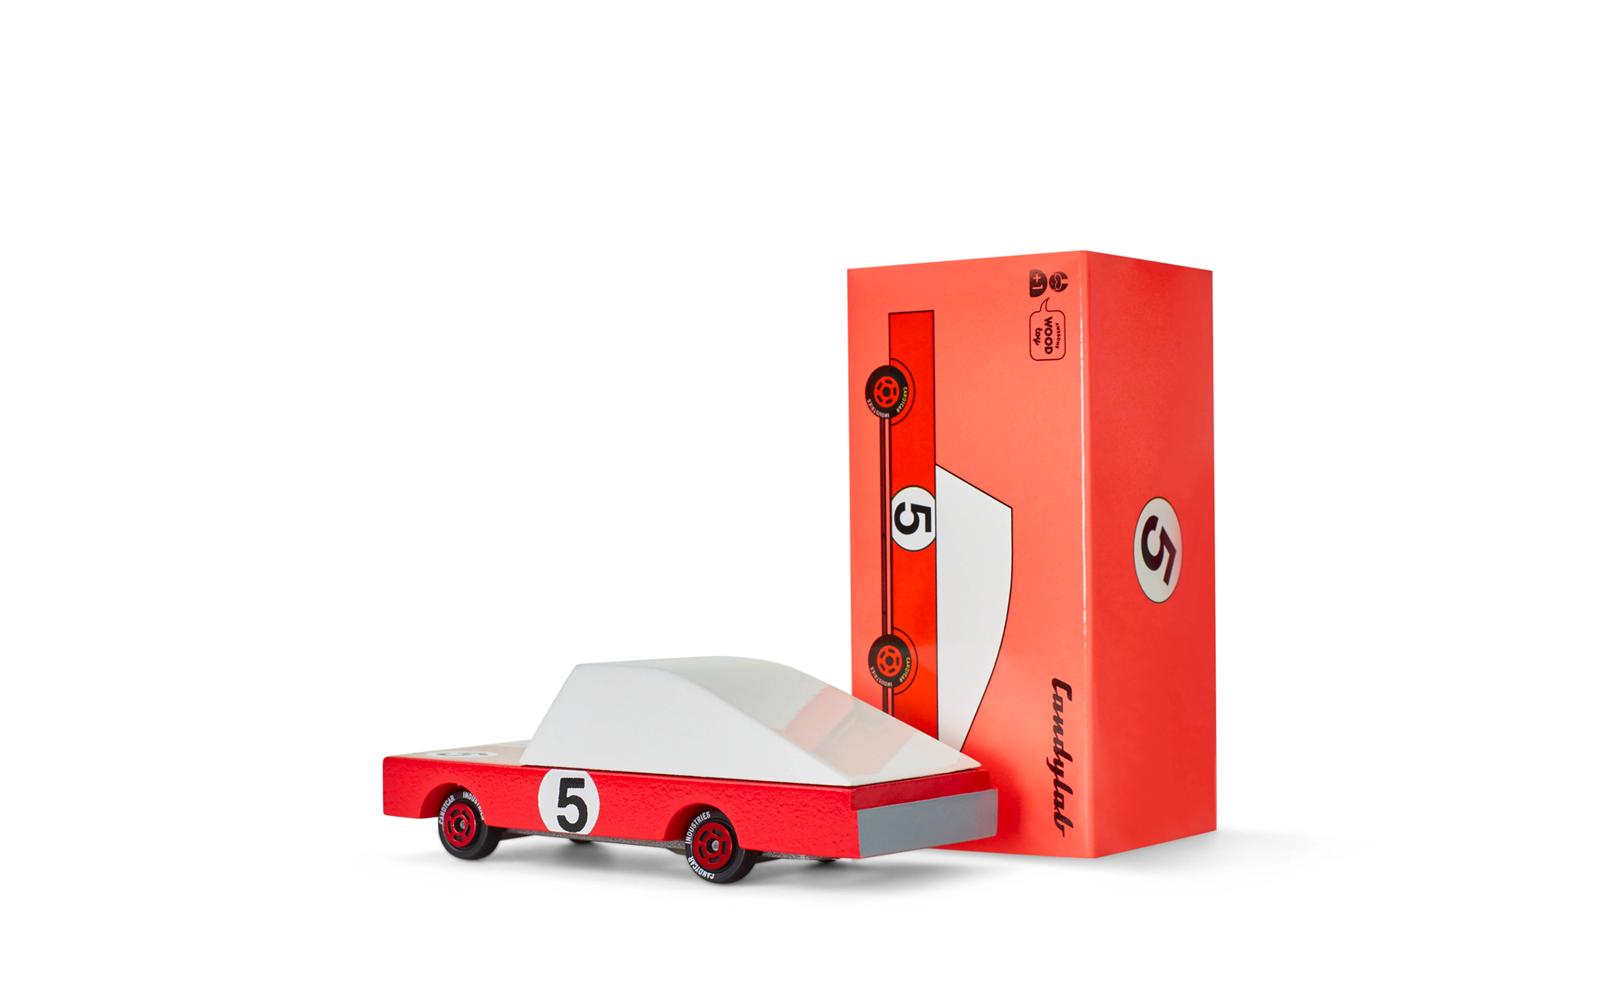 Candylab Candycar Red Racer #5